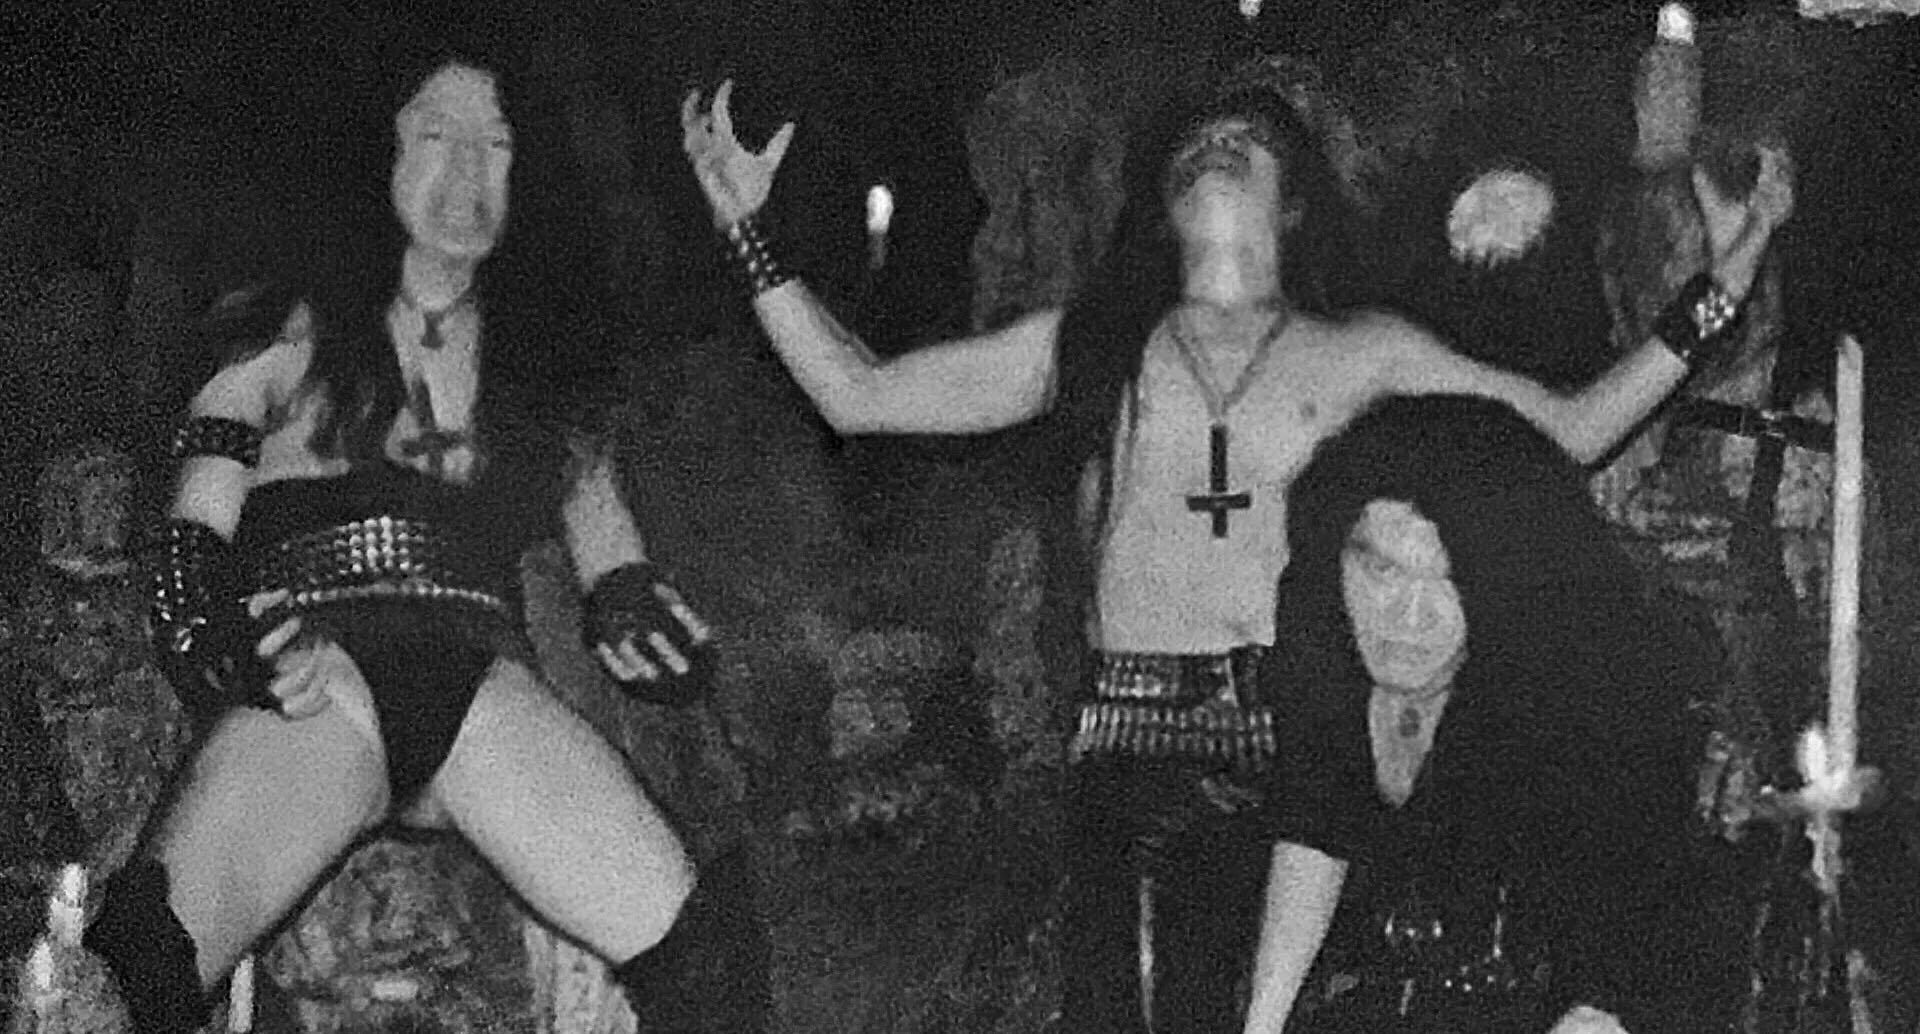 Sabbat & Metalucifer announced Asian Tyrants Tour